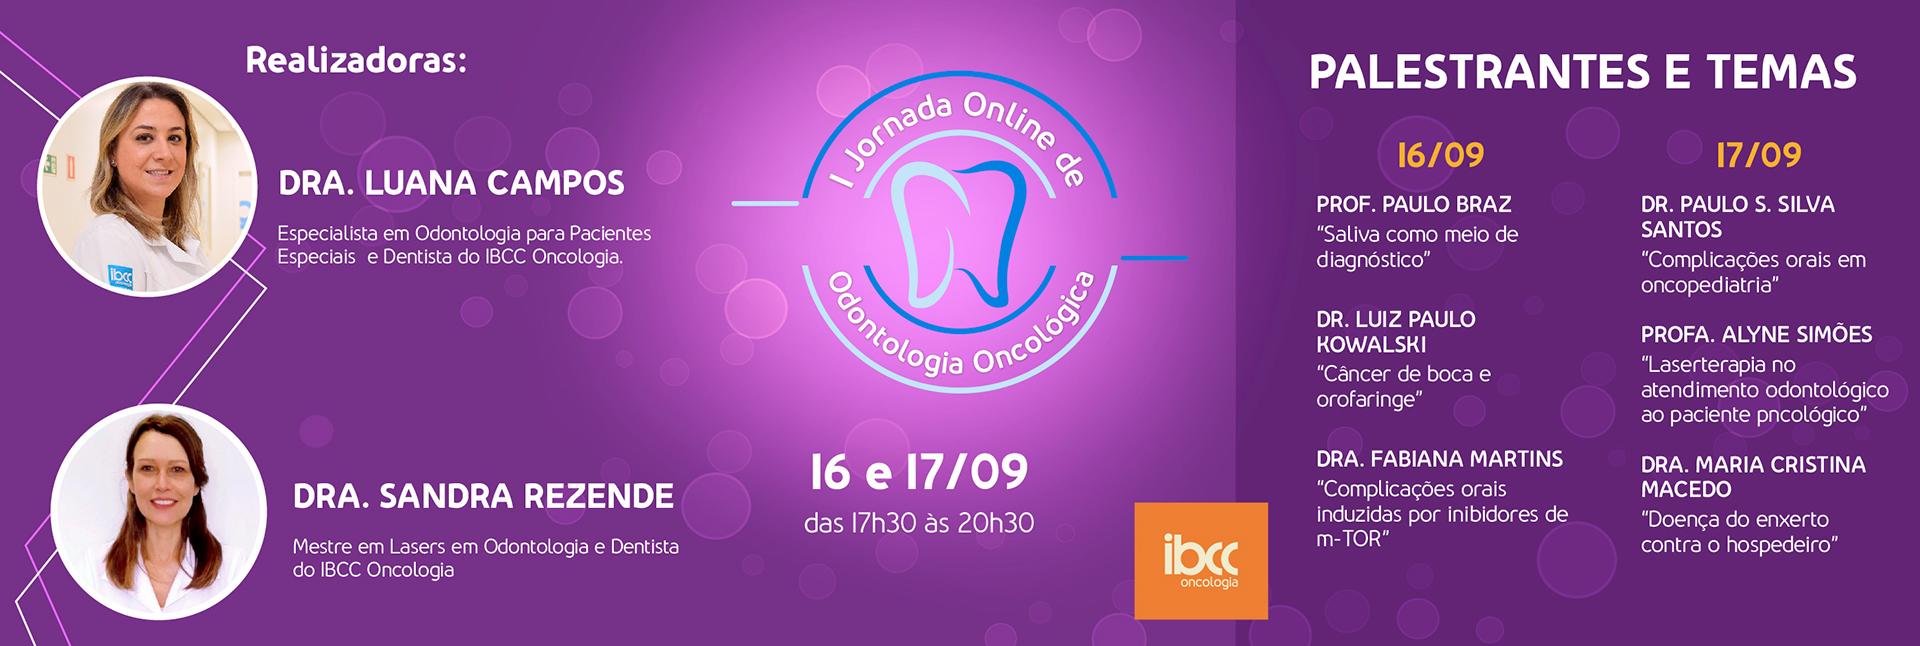 I Jornada Online de Odontologia Oncológica